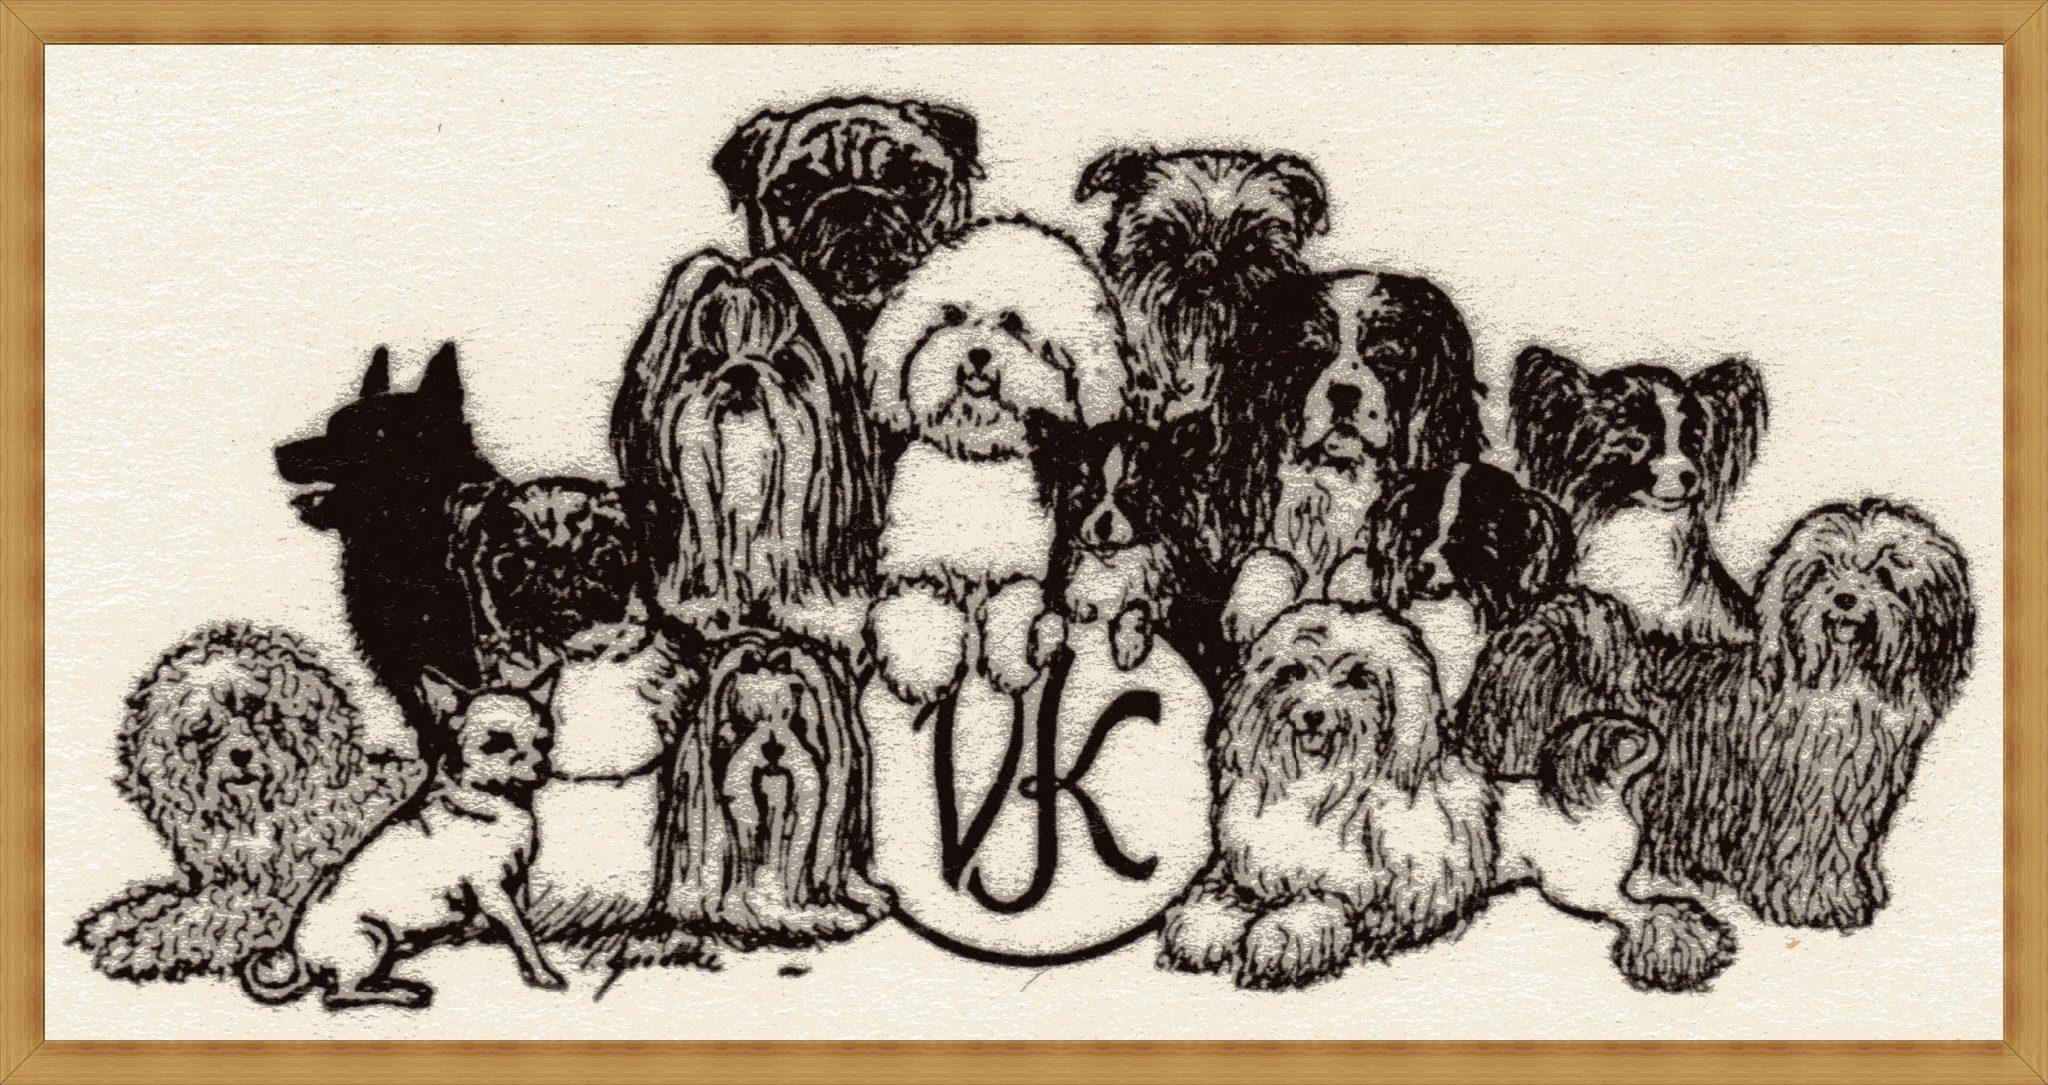 VK- Hunde img 078